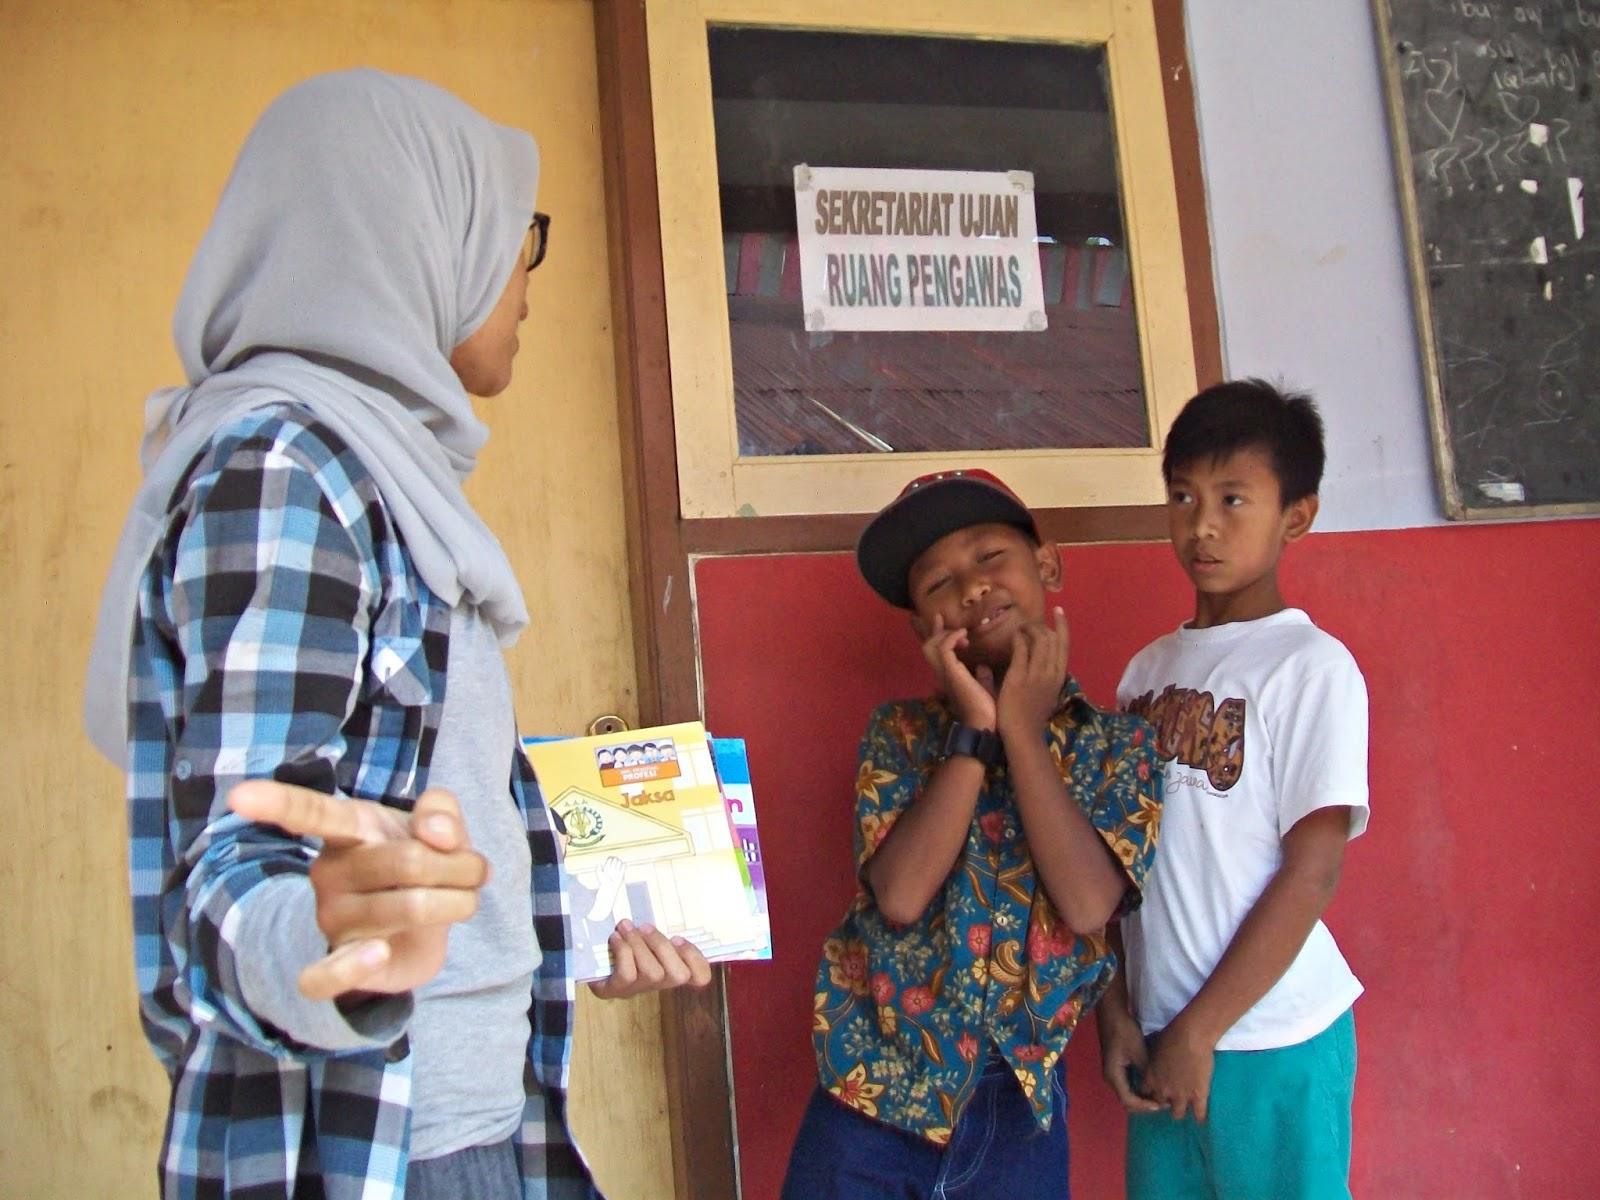 Tanggal 27 Agustus sampai 03 September 2016 Book for Mountain kembali mengadakan project pengadaan perpustakaan. Kali ini diadakan di Kab Batang tepatnya di Desa Ngadirejo.